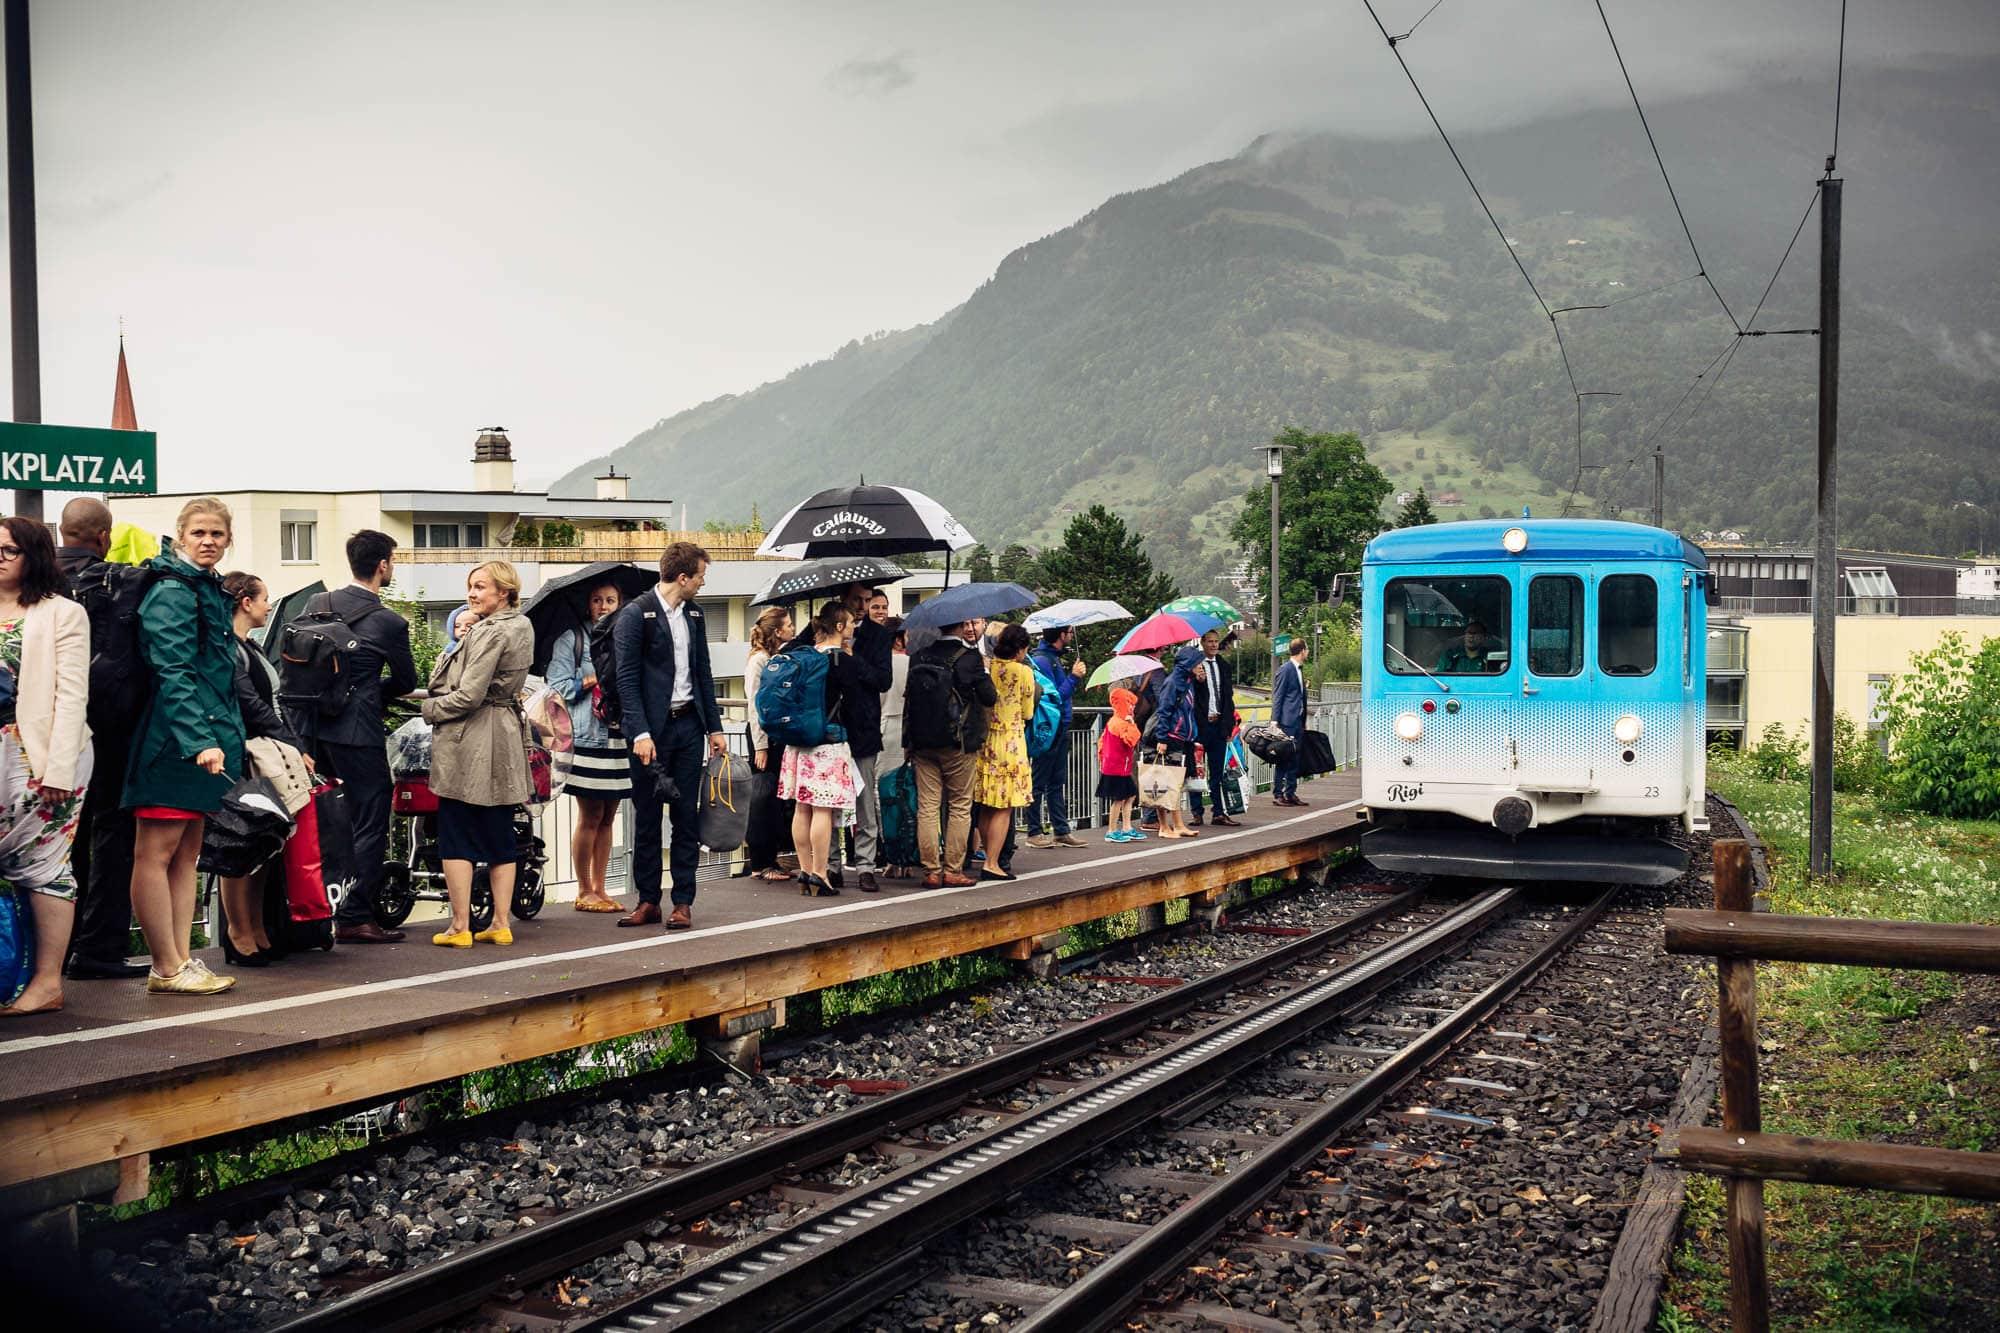 Abfahrt Rigibahn mit wartenden Hochzeitsgästen